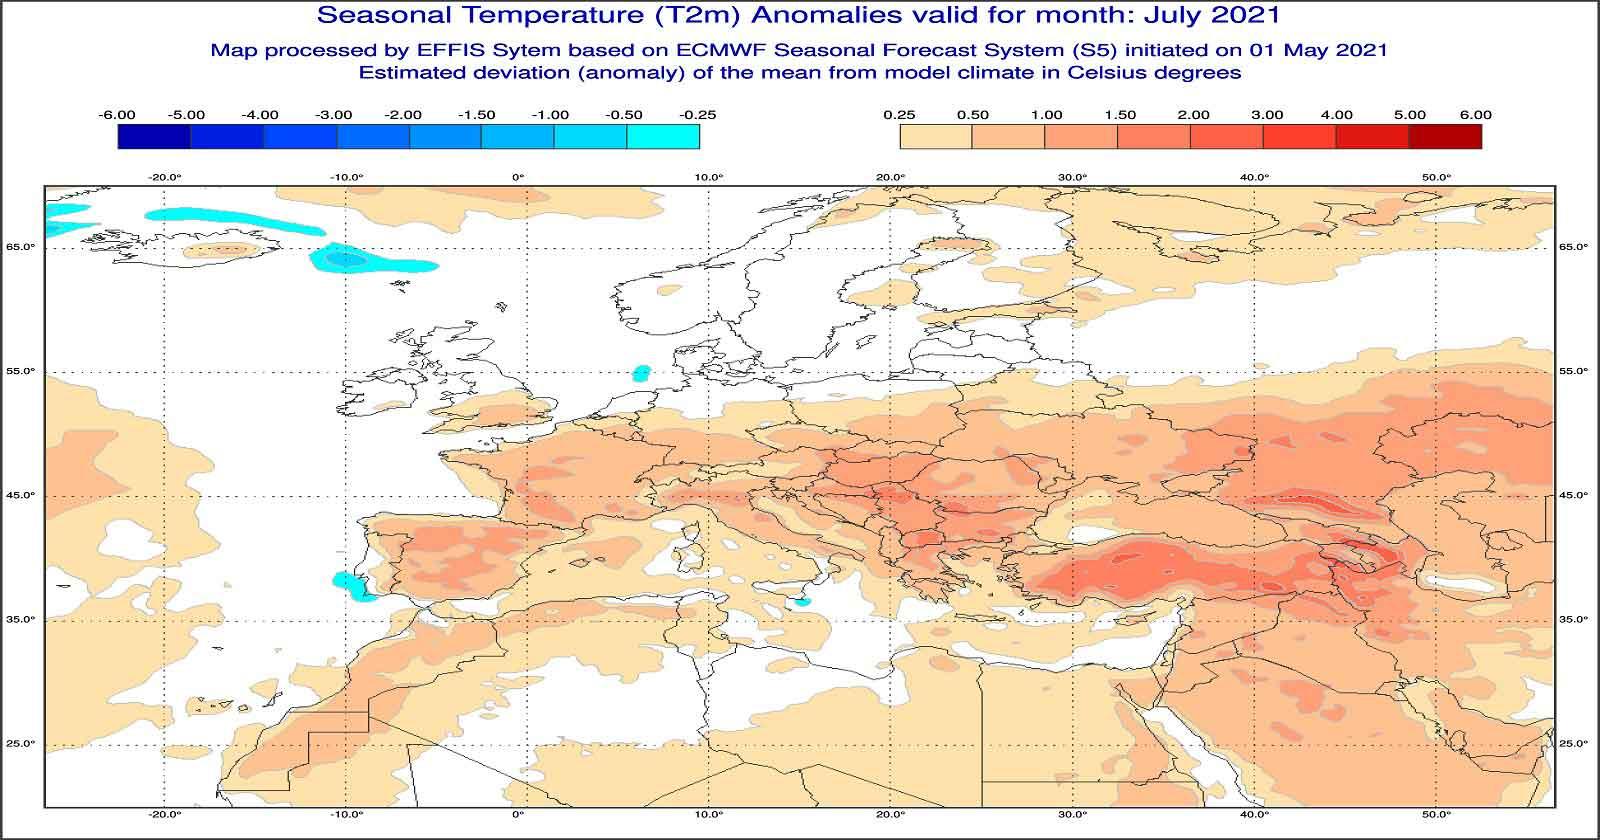 Anomalie di temperatura previste dal modello ECMWF per luglio 2021 - effis.jrc.ec.europa.eu.jpg